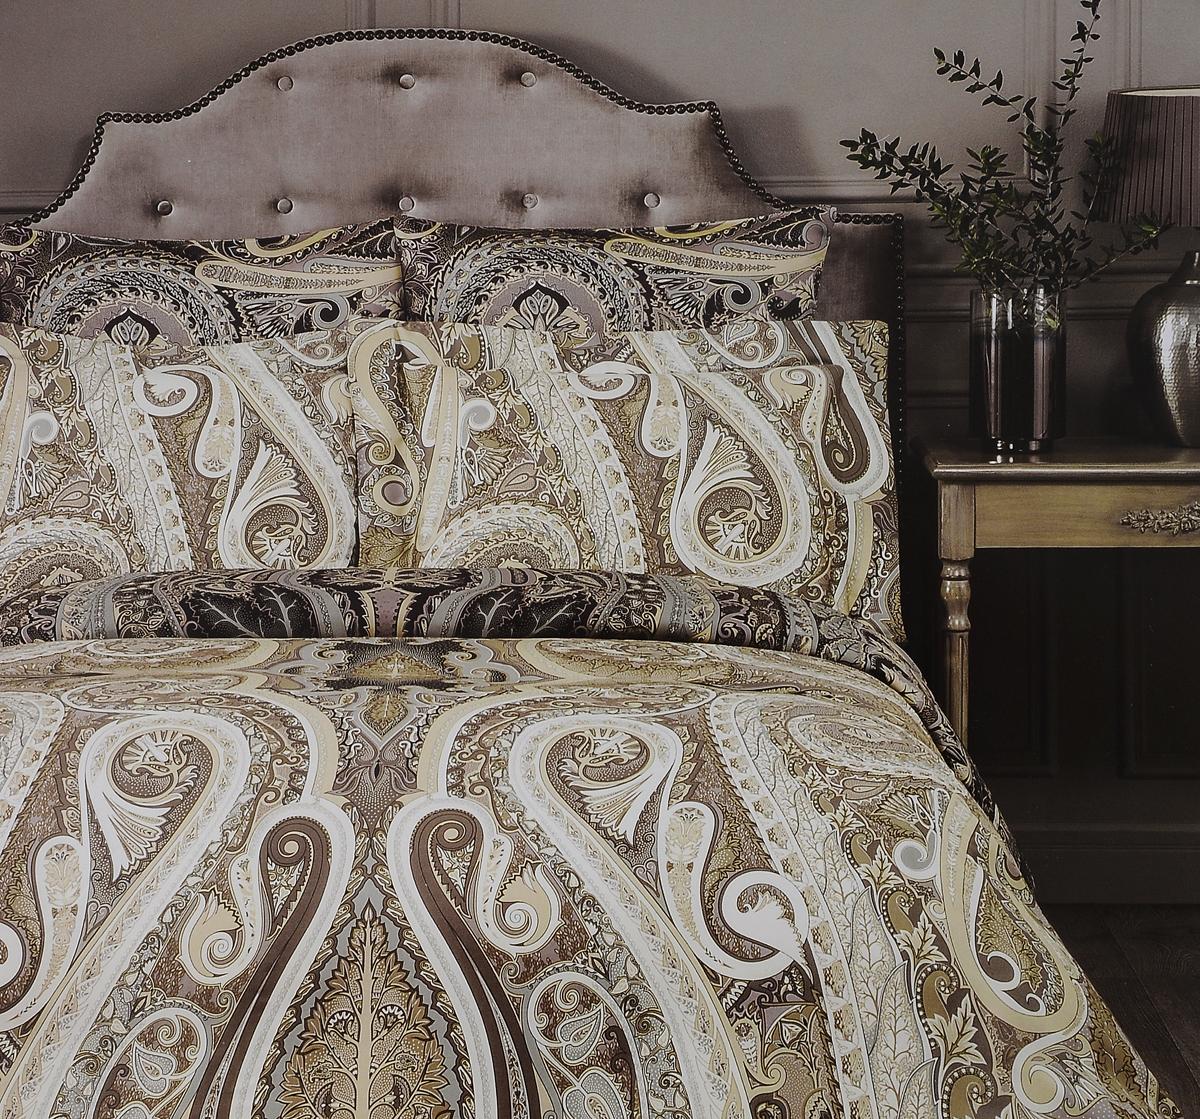 Комплект белья Togas Амрита, евро, наволочки 50x7030.07.28.0472Комплект постельного белья Togas Амрита, выполненный из 100% тенселя, состоит из пододеяльника, простыни и 2 наволочек. Изделия имеют классический крой и декорированы ярким принтом. Тенсель - материал натурального происхождения, который изготавливают из древесины австралийского эвкалипта и подвергают нанообработке. Комплект постельного белья Togas Амрита гармонично впишется в интерьер вашей спальни и создаст атмосферу уюта и комфорта.